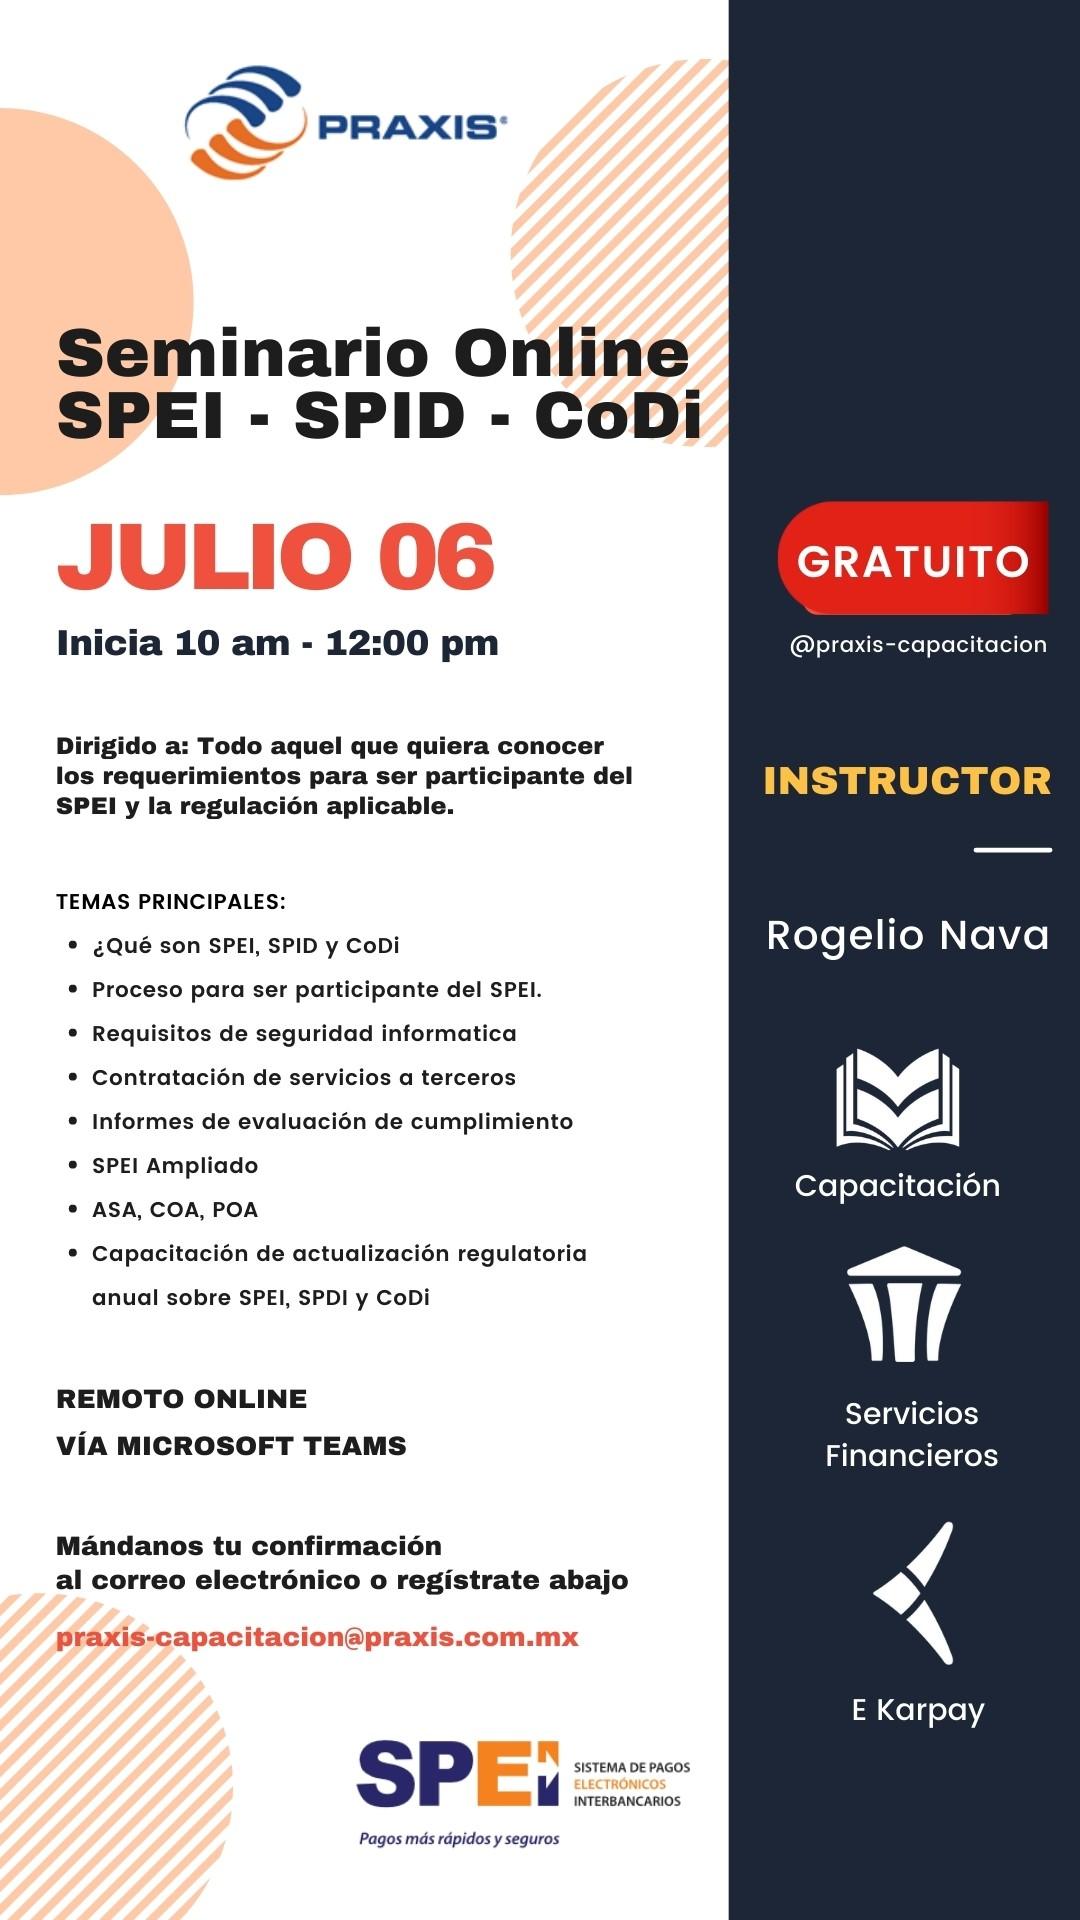 Seminario Online: SPEI, SPID, CoDi el 06 de julio de 2021 10 a 12pm